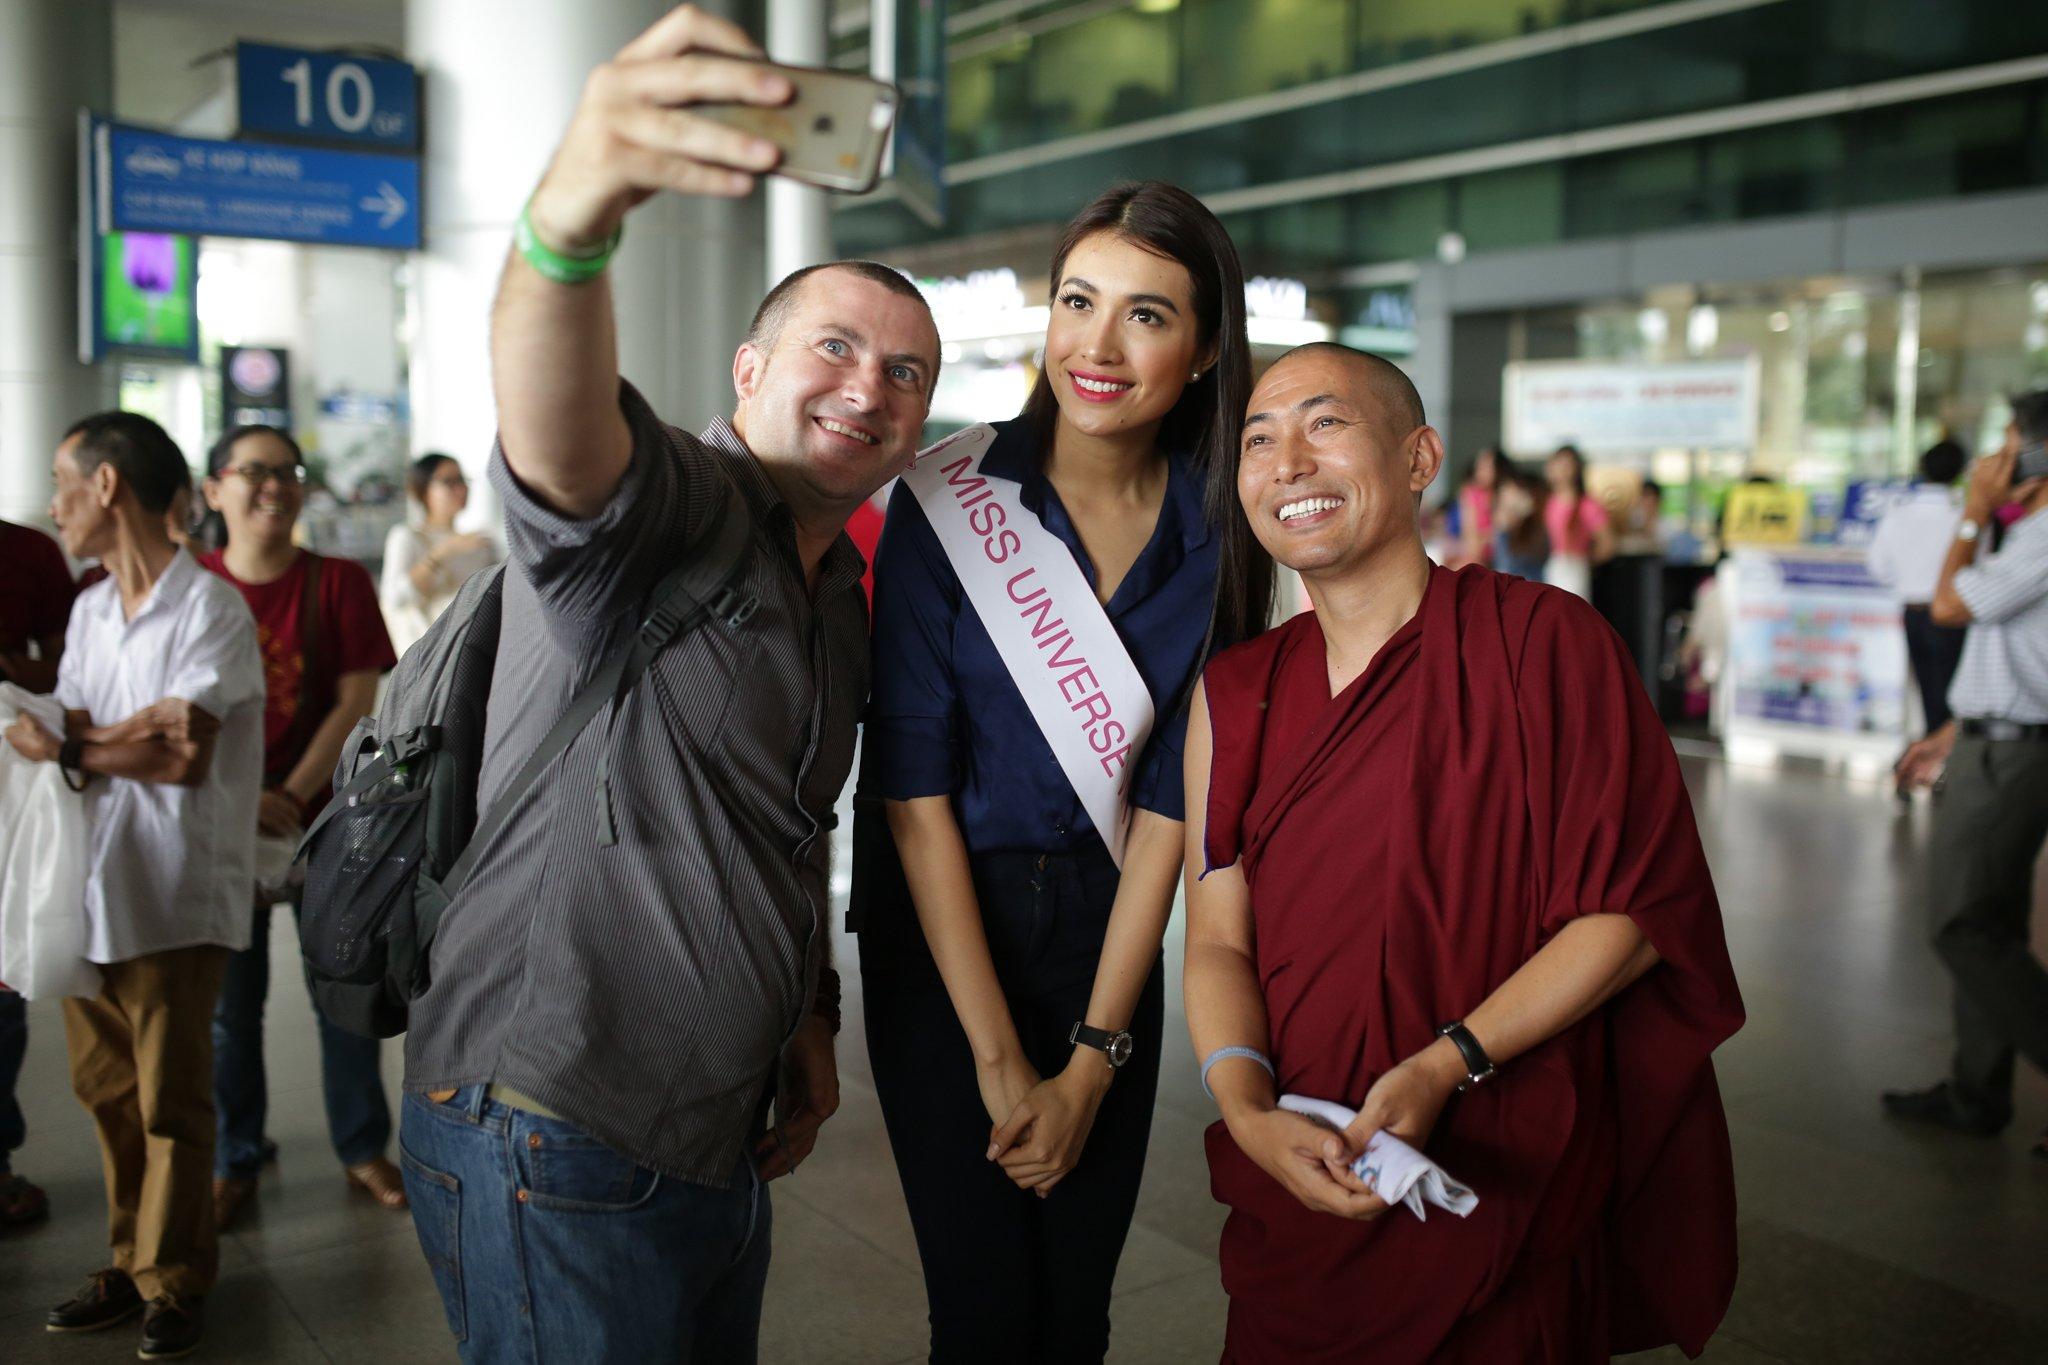 Á hậu Lệ Hằng ôm fan thắm thiết tại sân bay 8